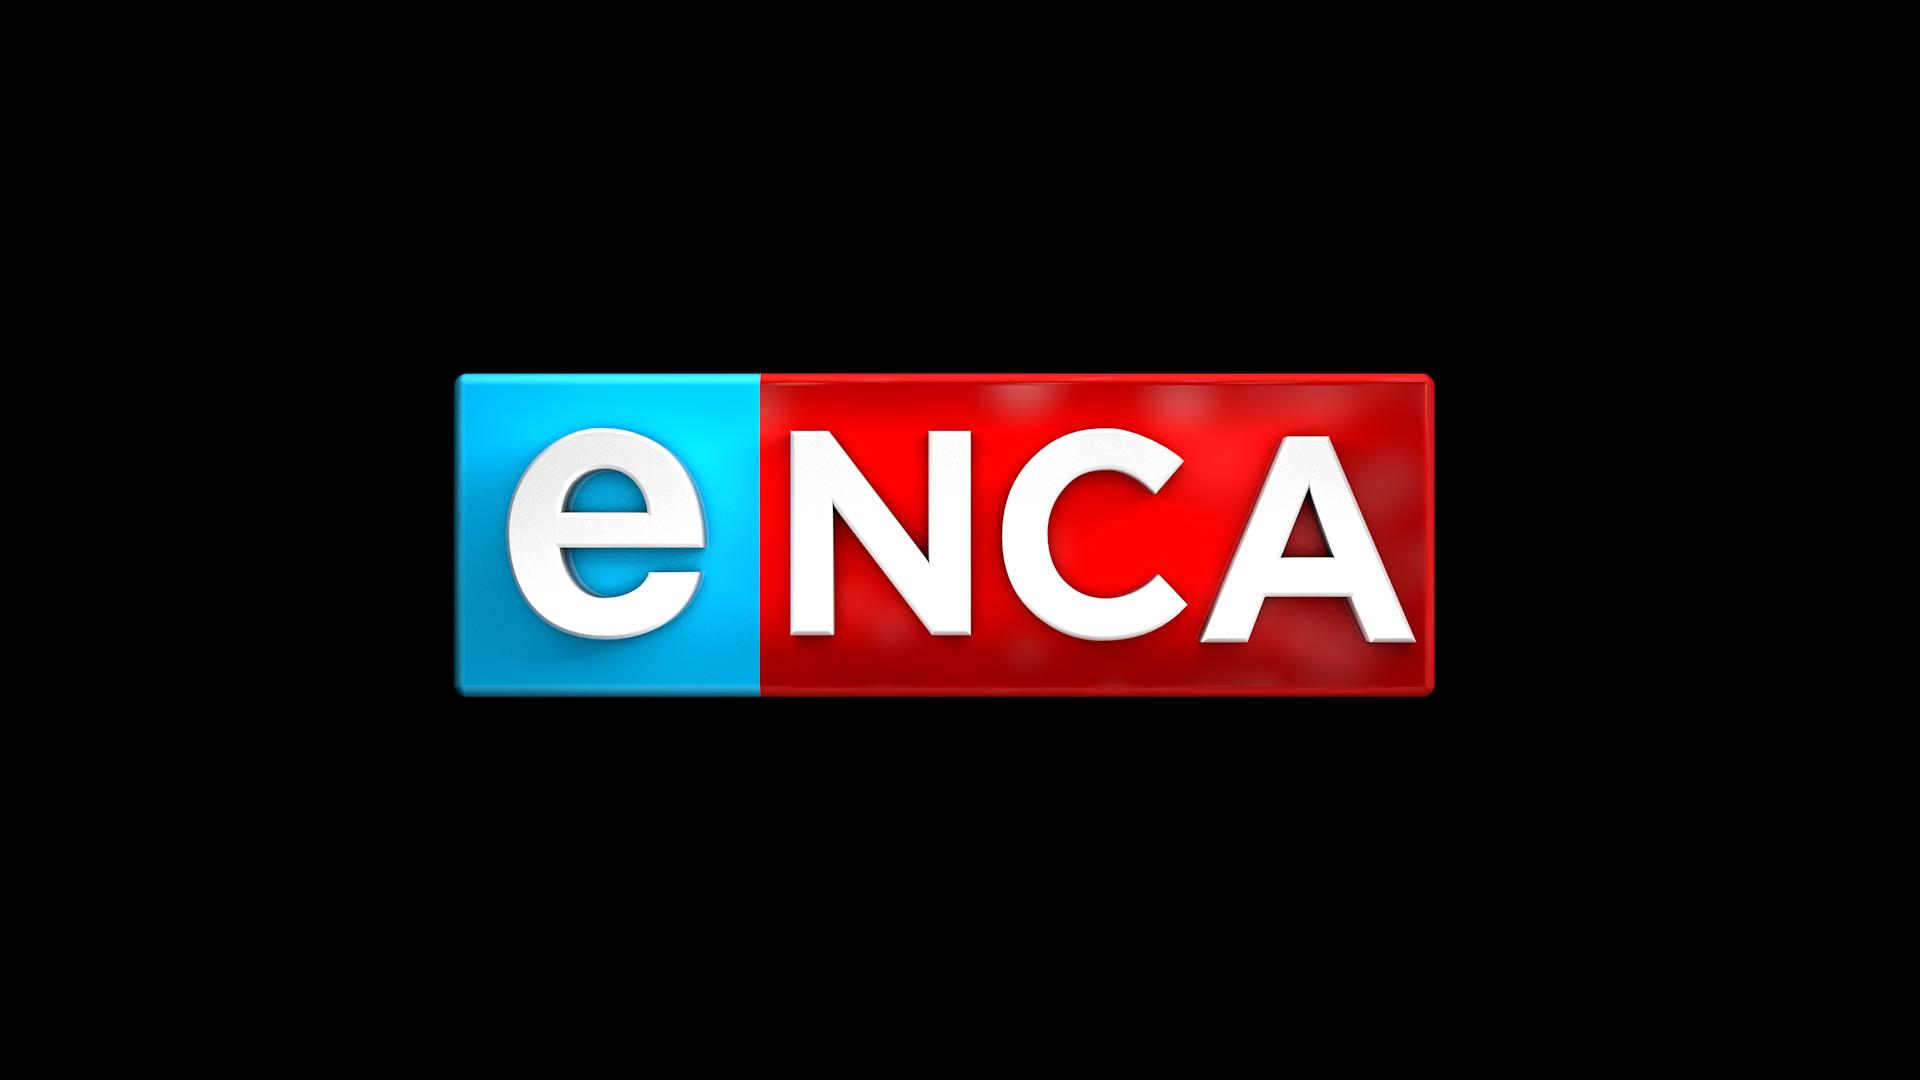 Media ENCA